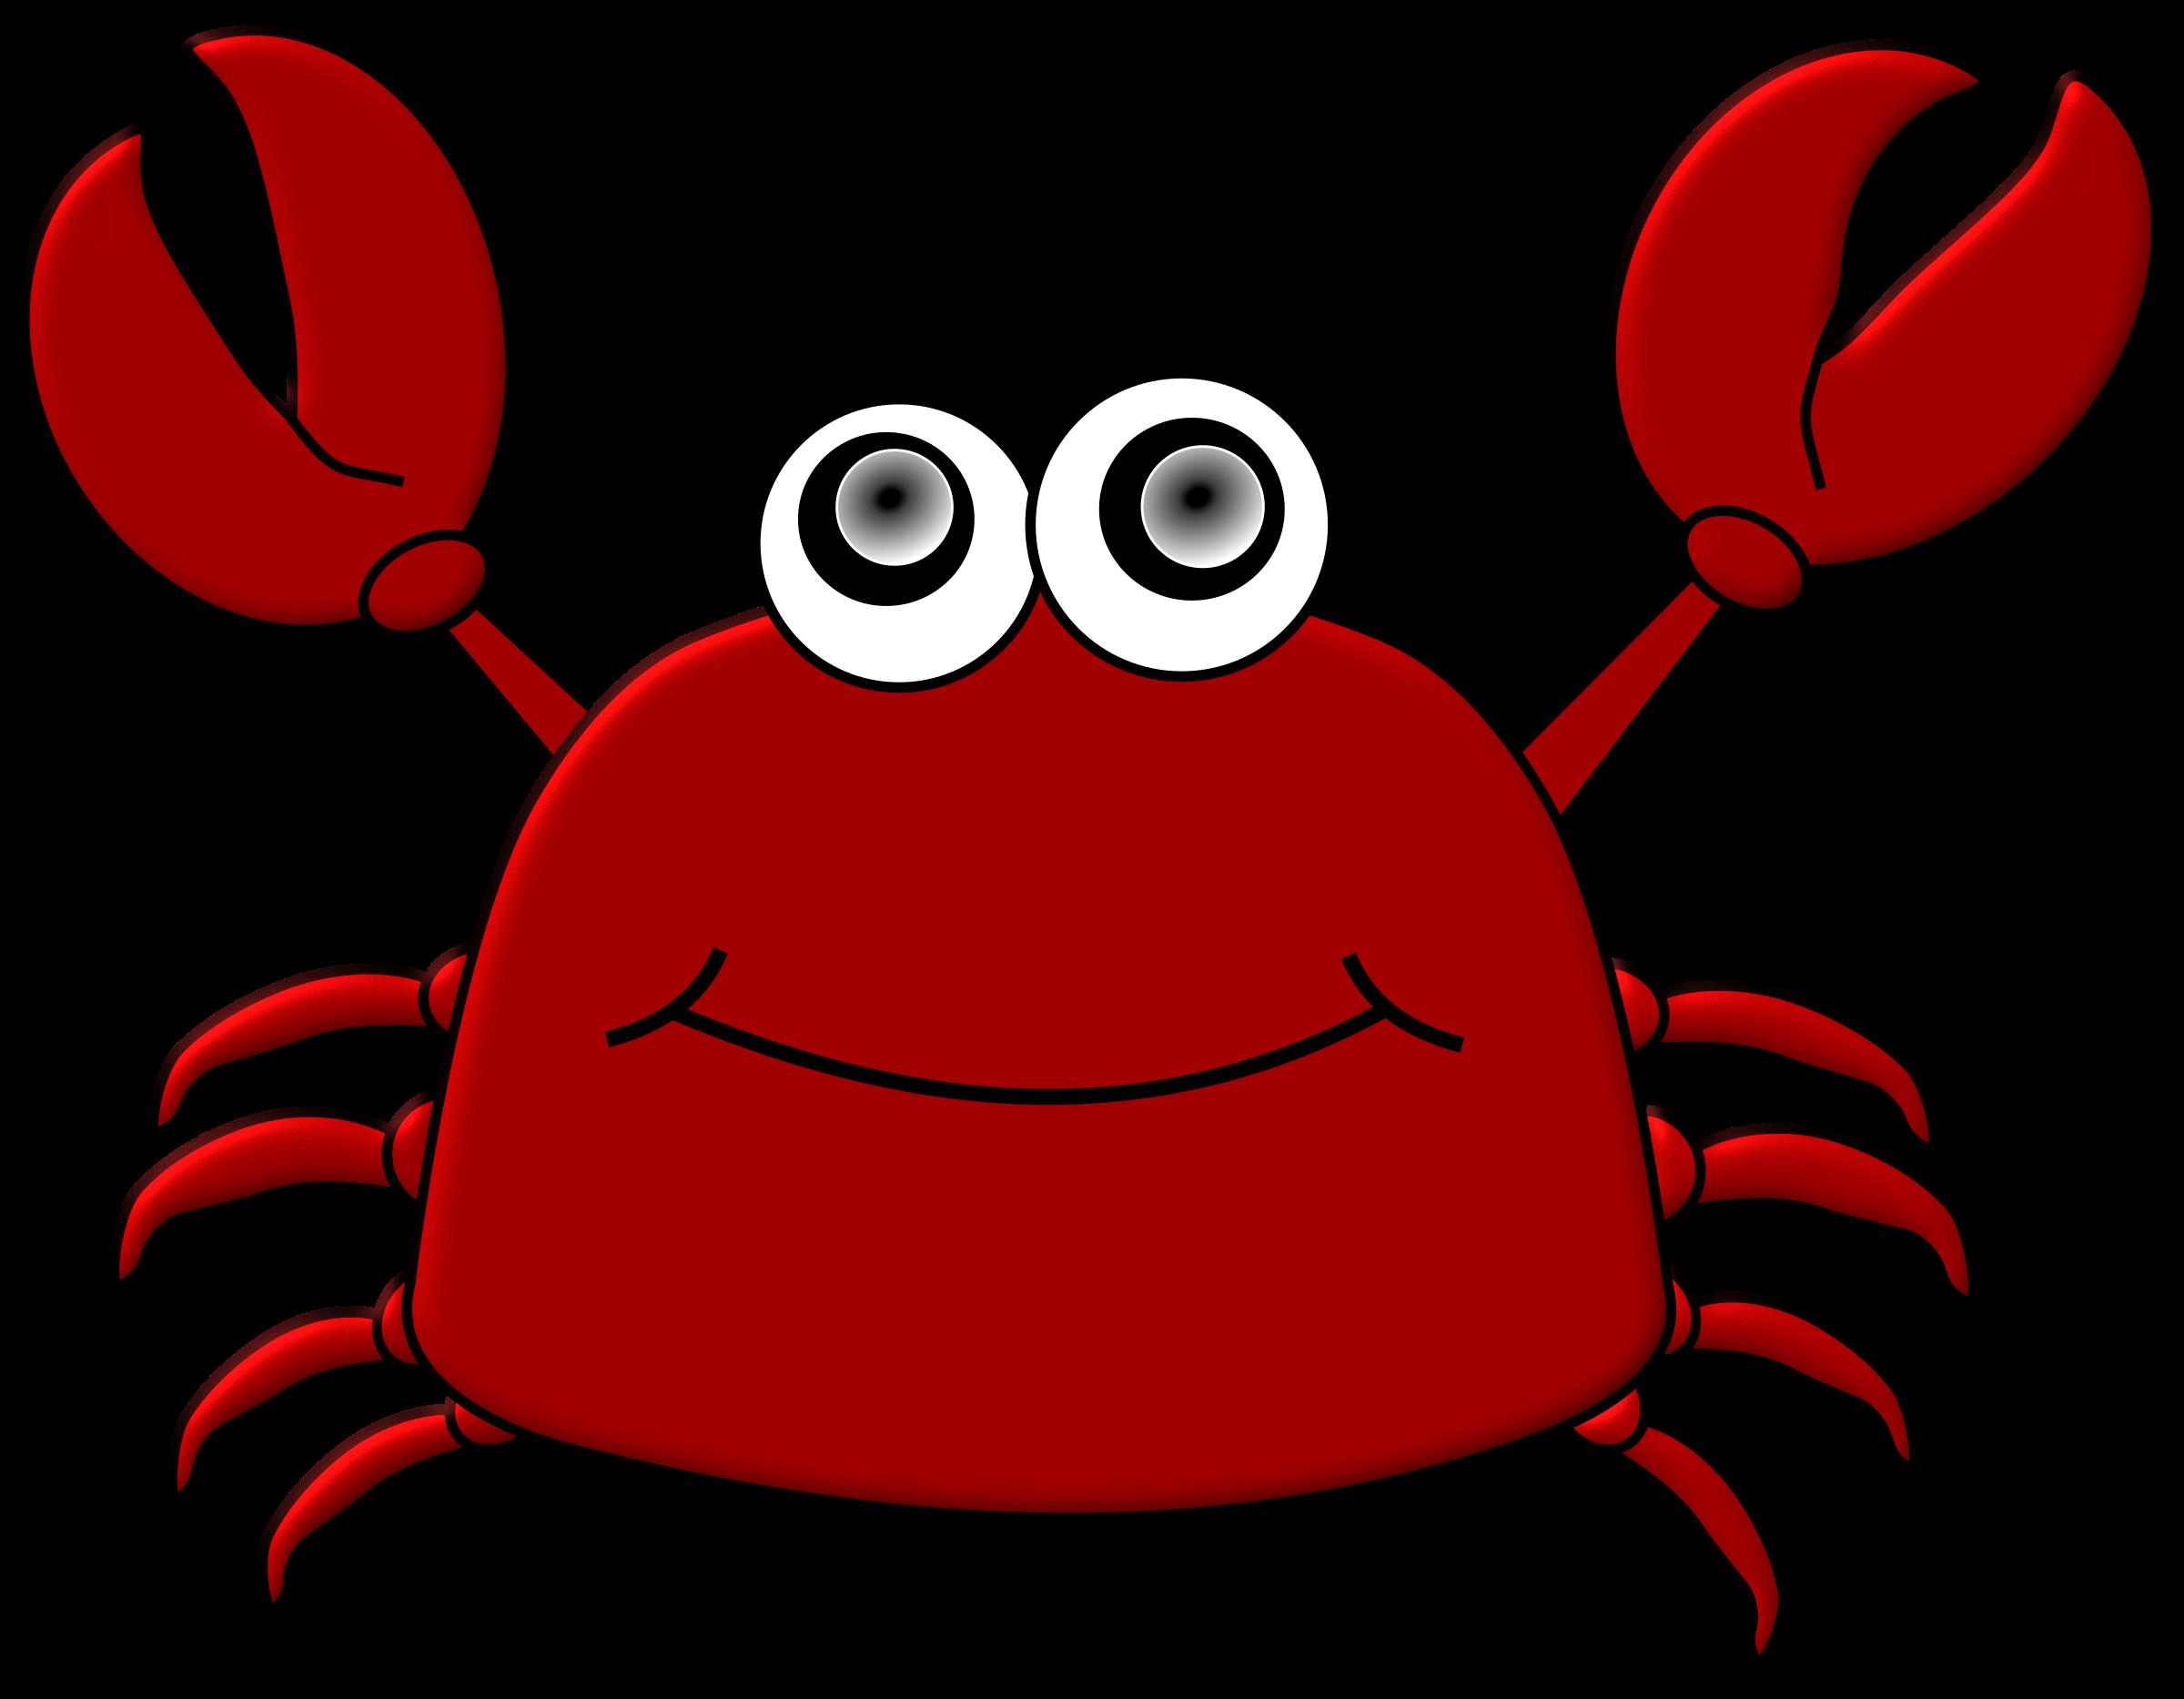 Crabs clipart description. Cartoon crab big image